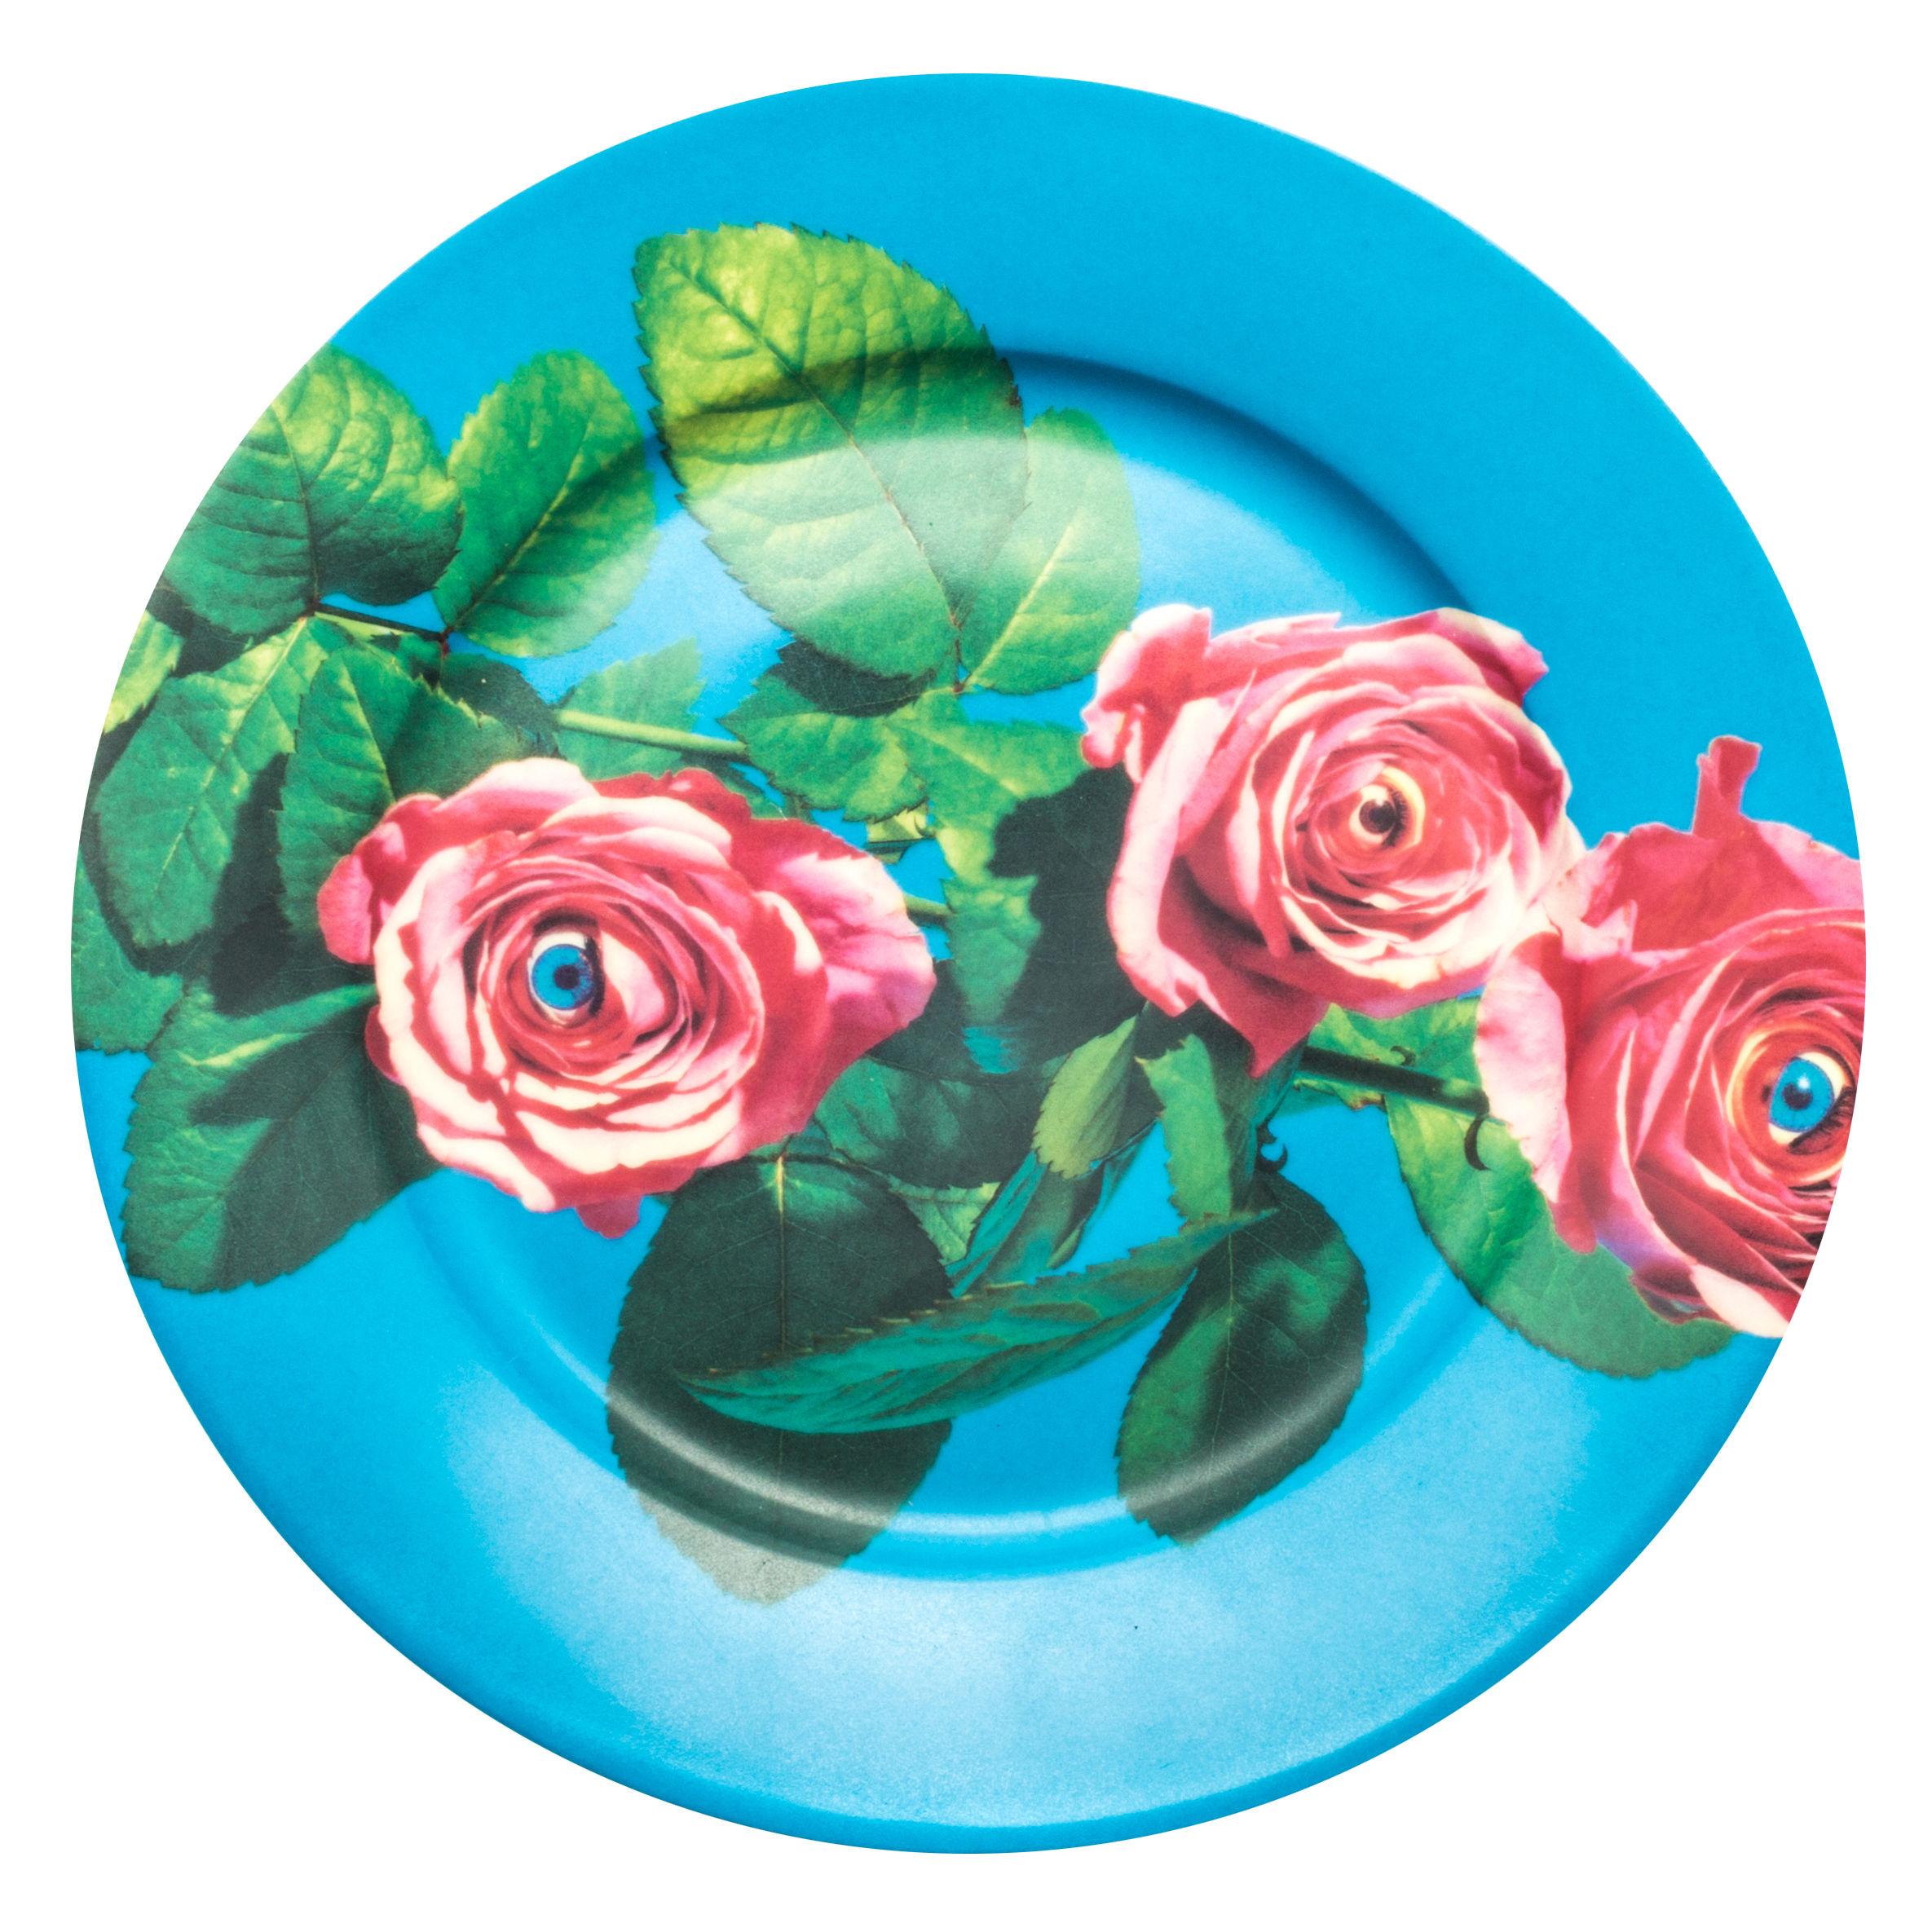 Toiletpaper Plate - Seletti Multicolored Roses Maurizio Cattelan | Pierpaolo Ferrari